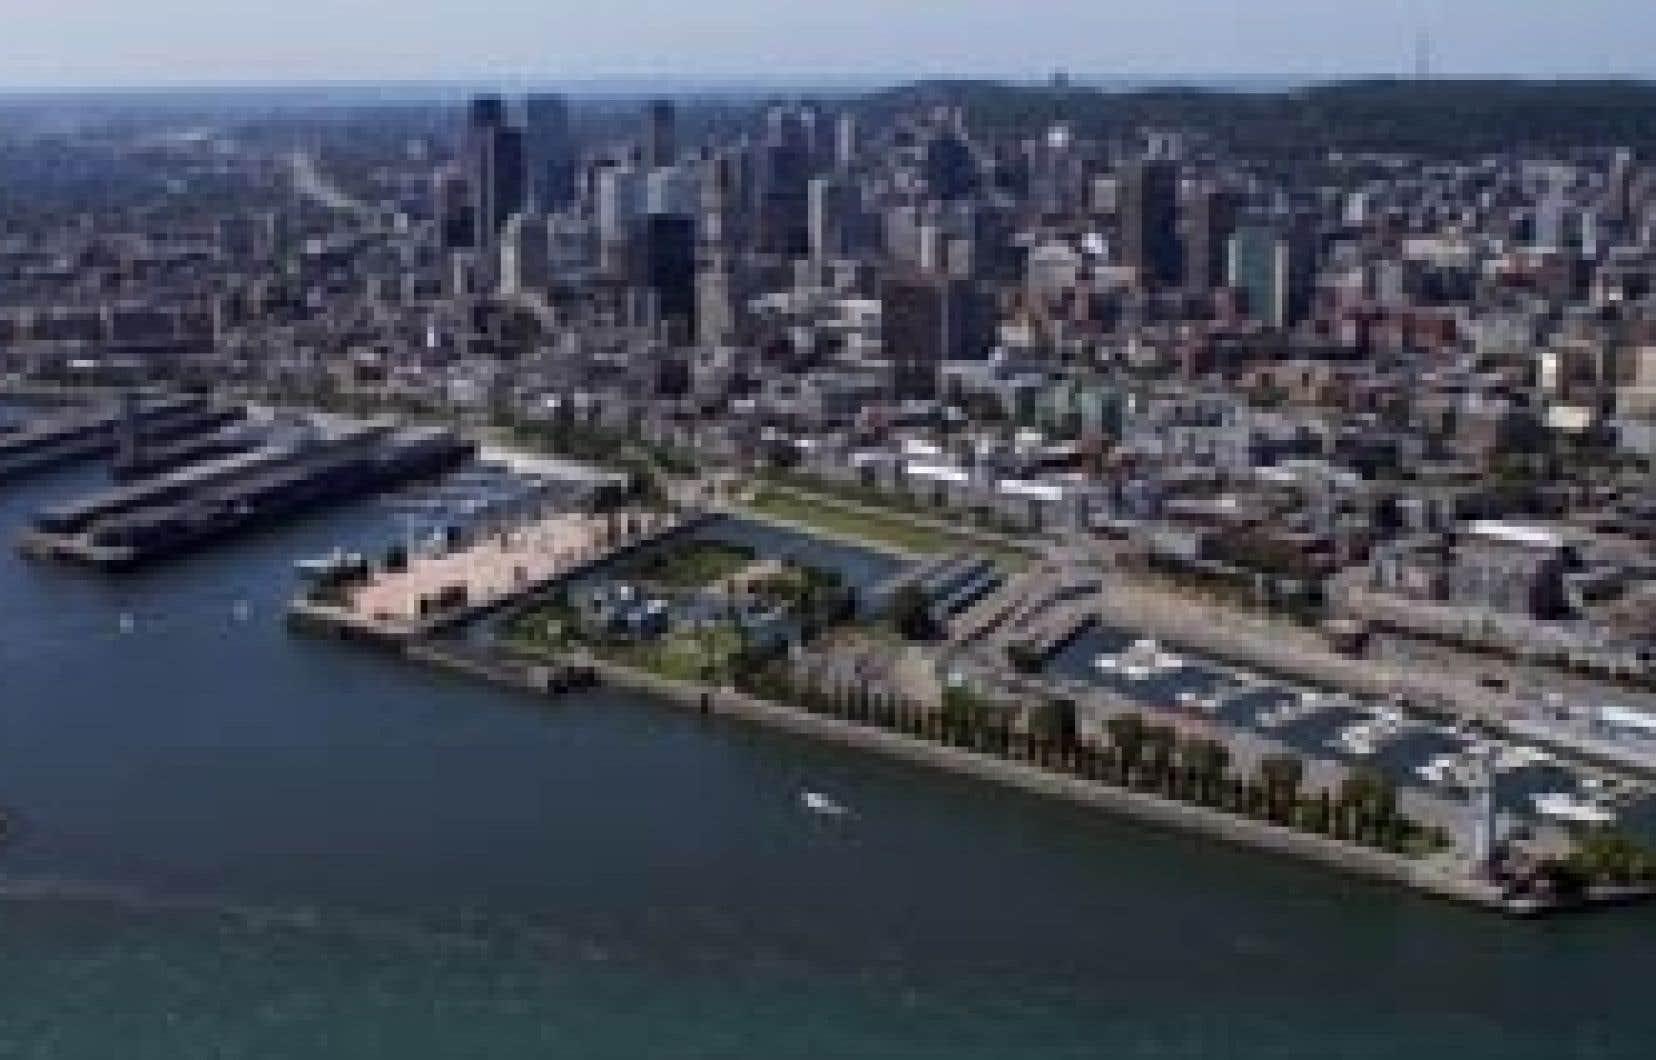 Le projet de télécabines proposé par Skylink permettrait de relier le Vieux-Montréal à Saint-Lambert.